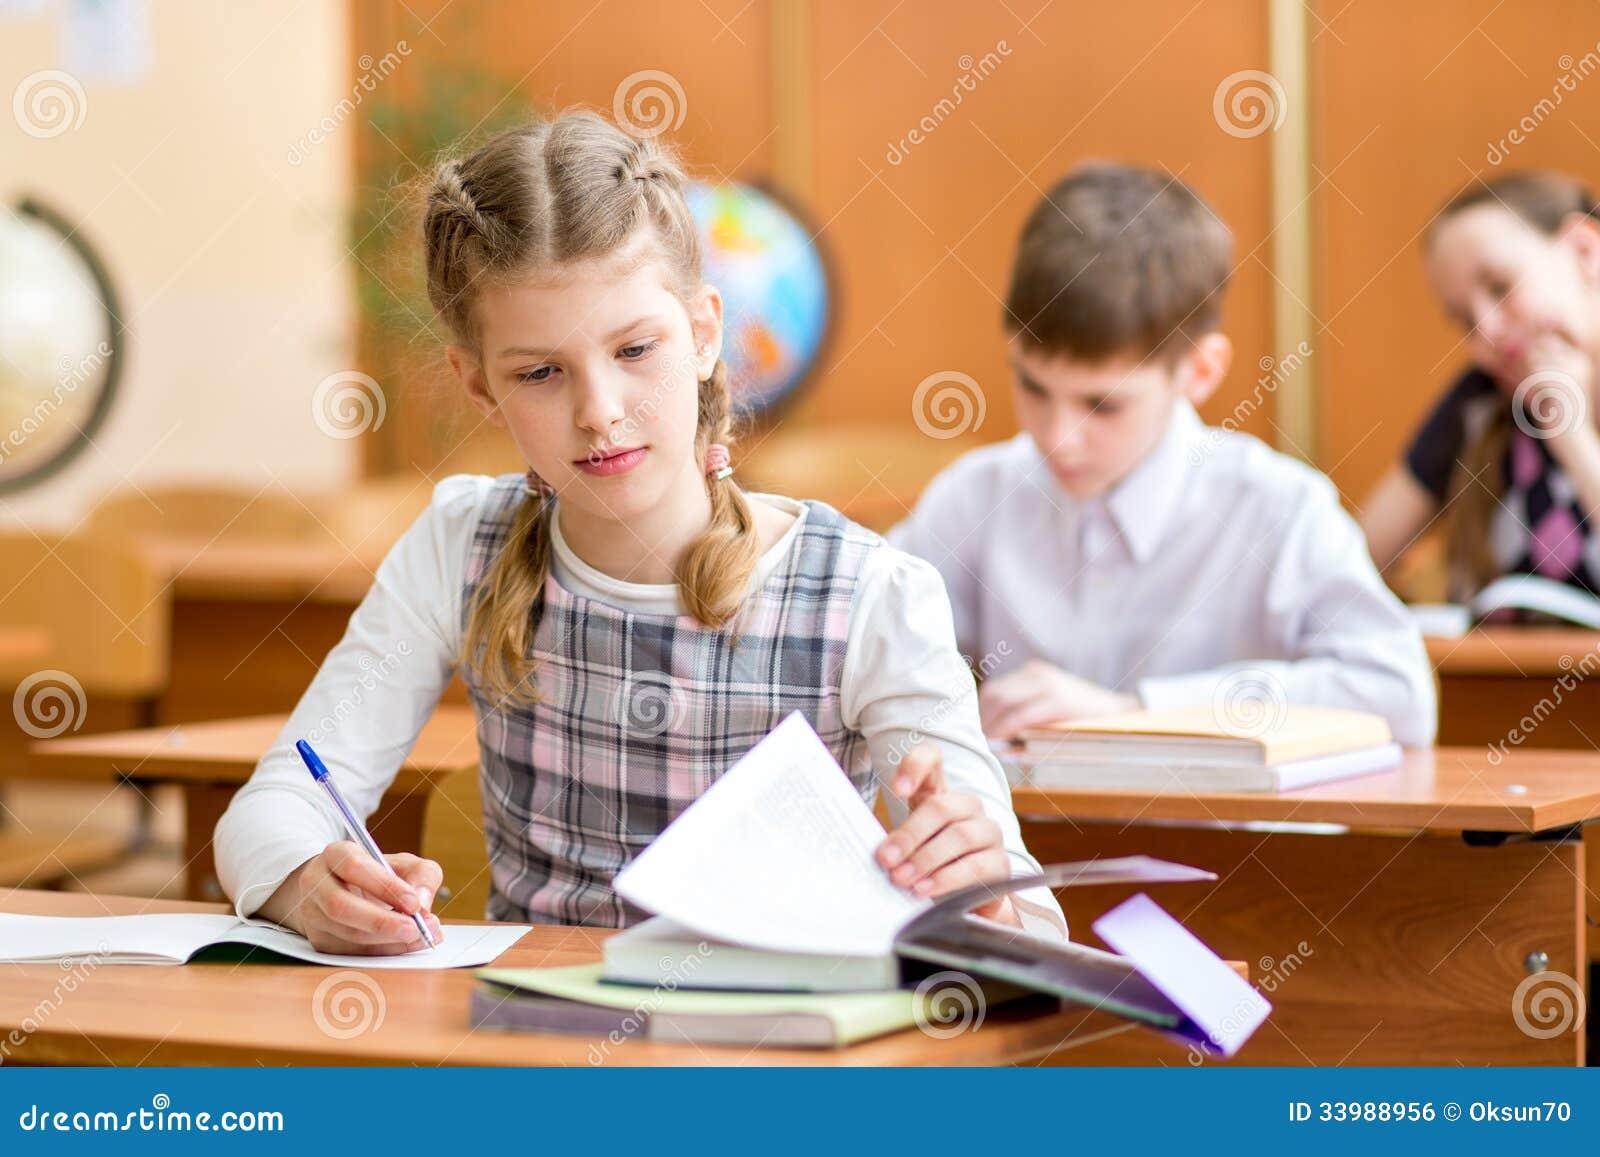 Crianças da escola na lição